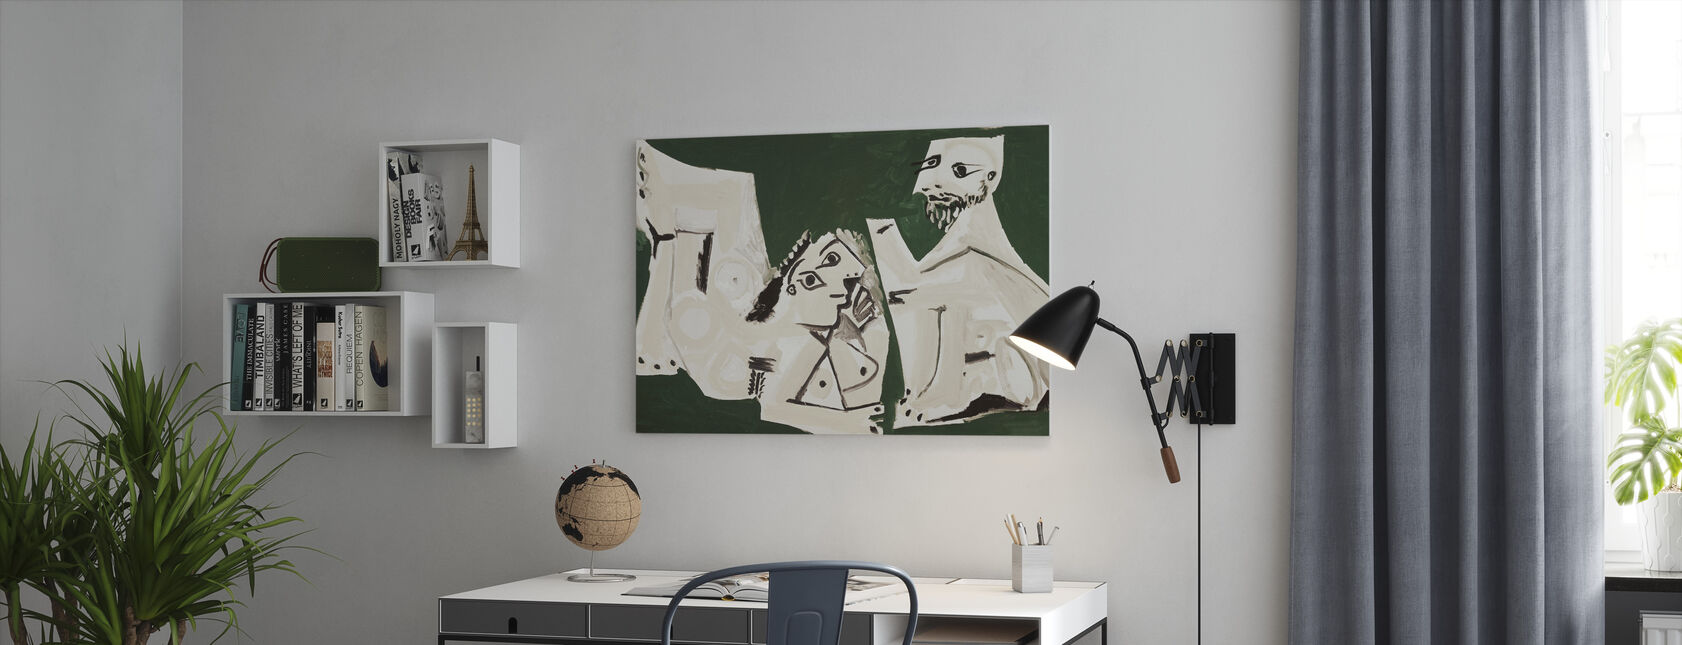 Nu homme et femme - Pablo Picasso - Impression sur toile - Bureau